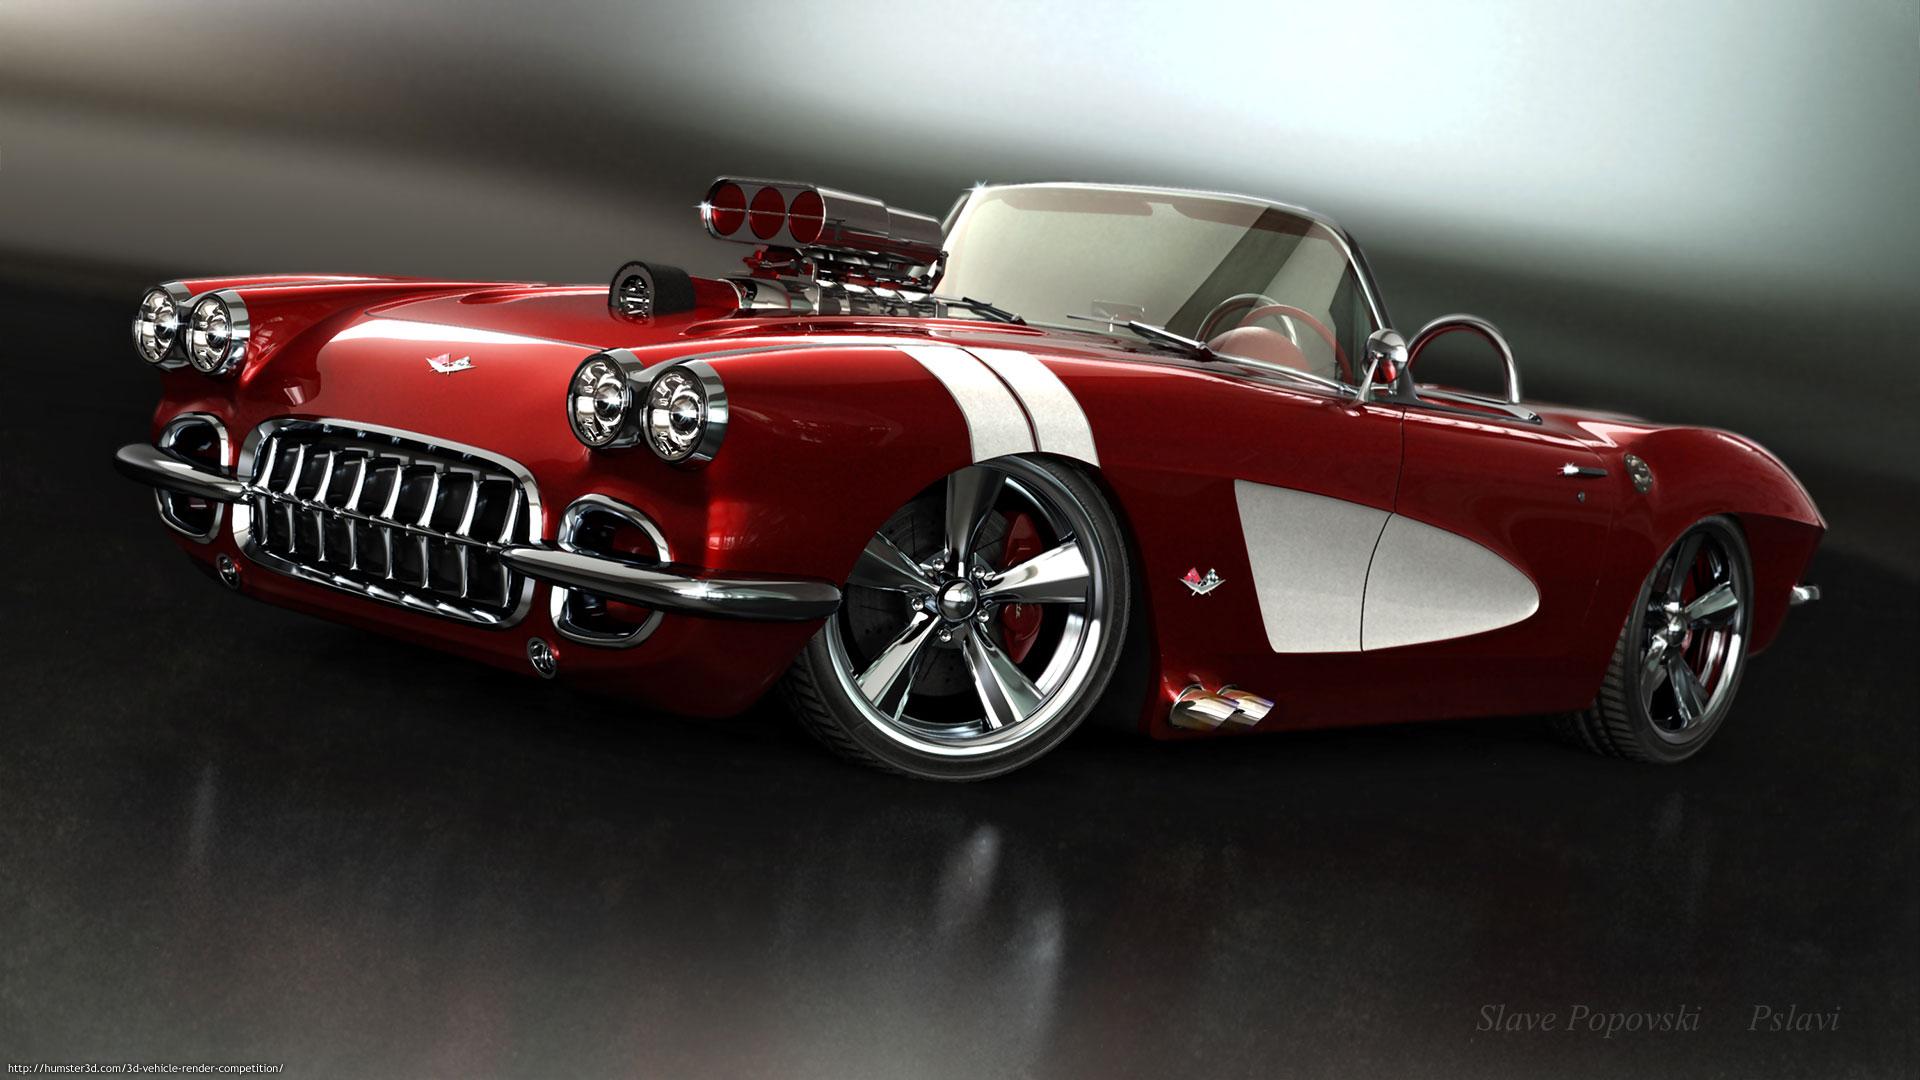 My 59 corvette model